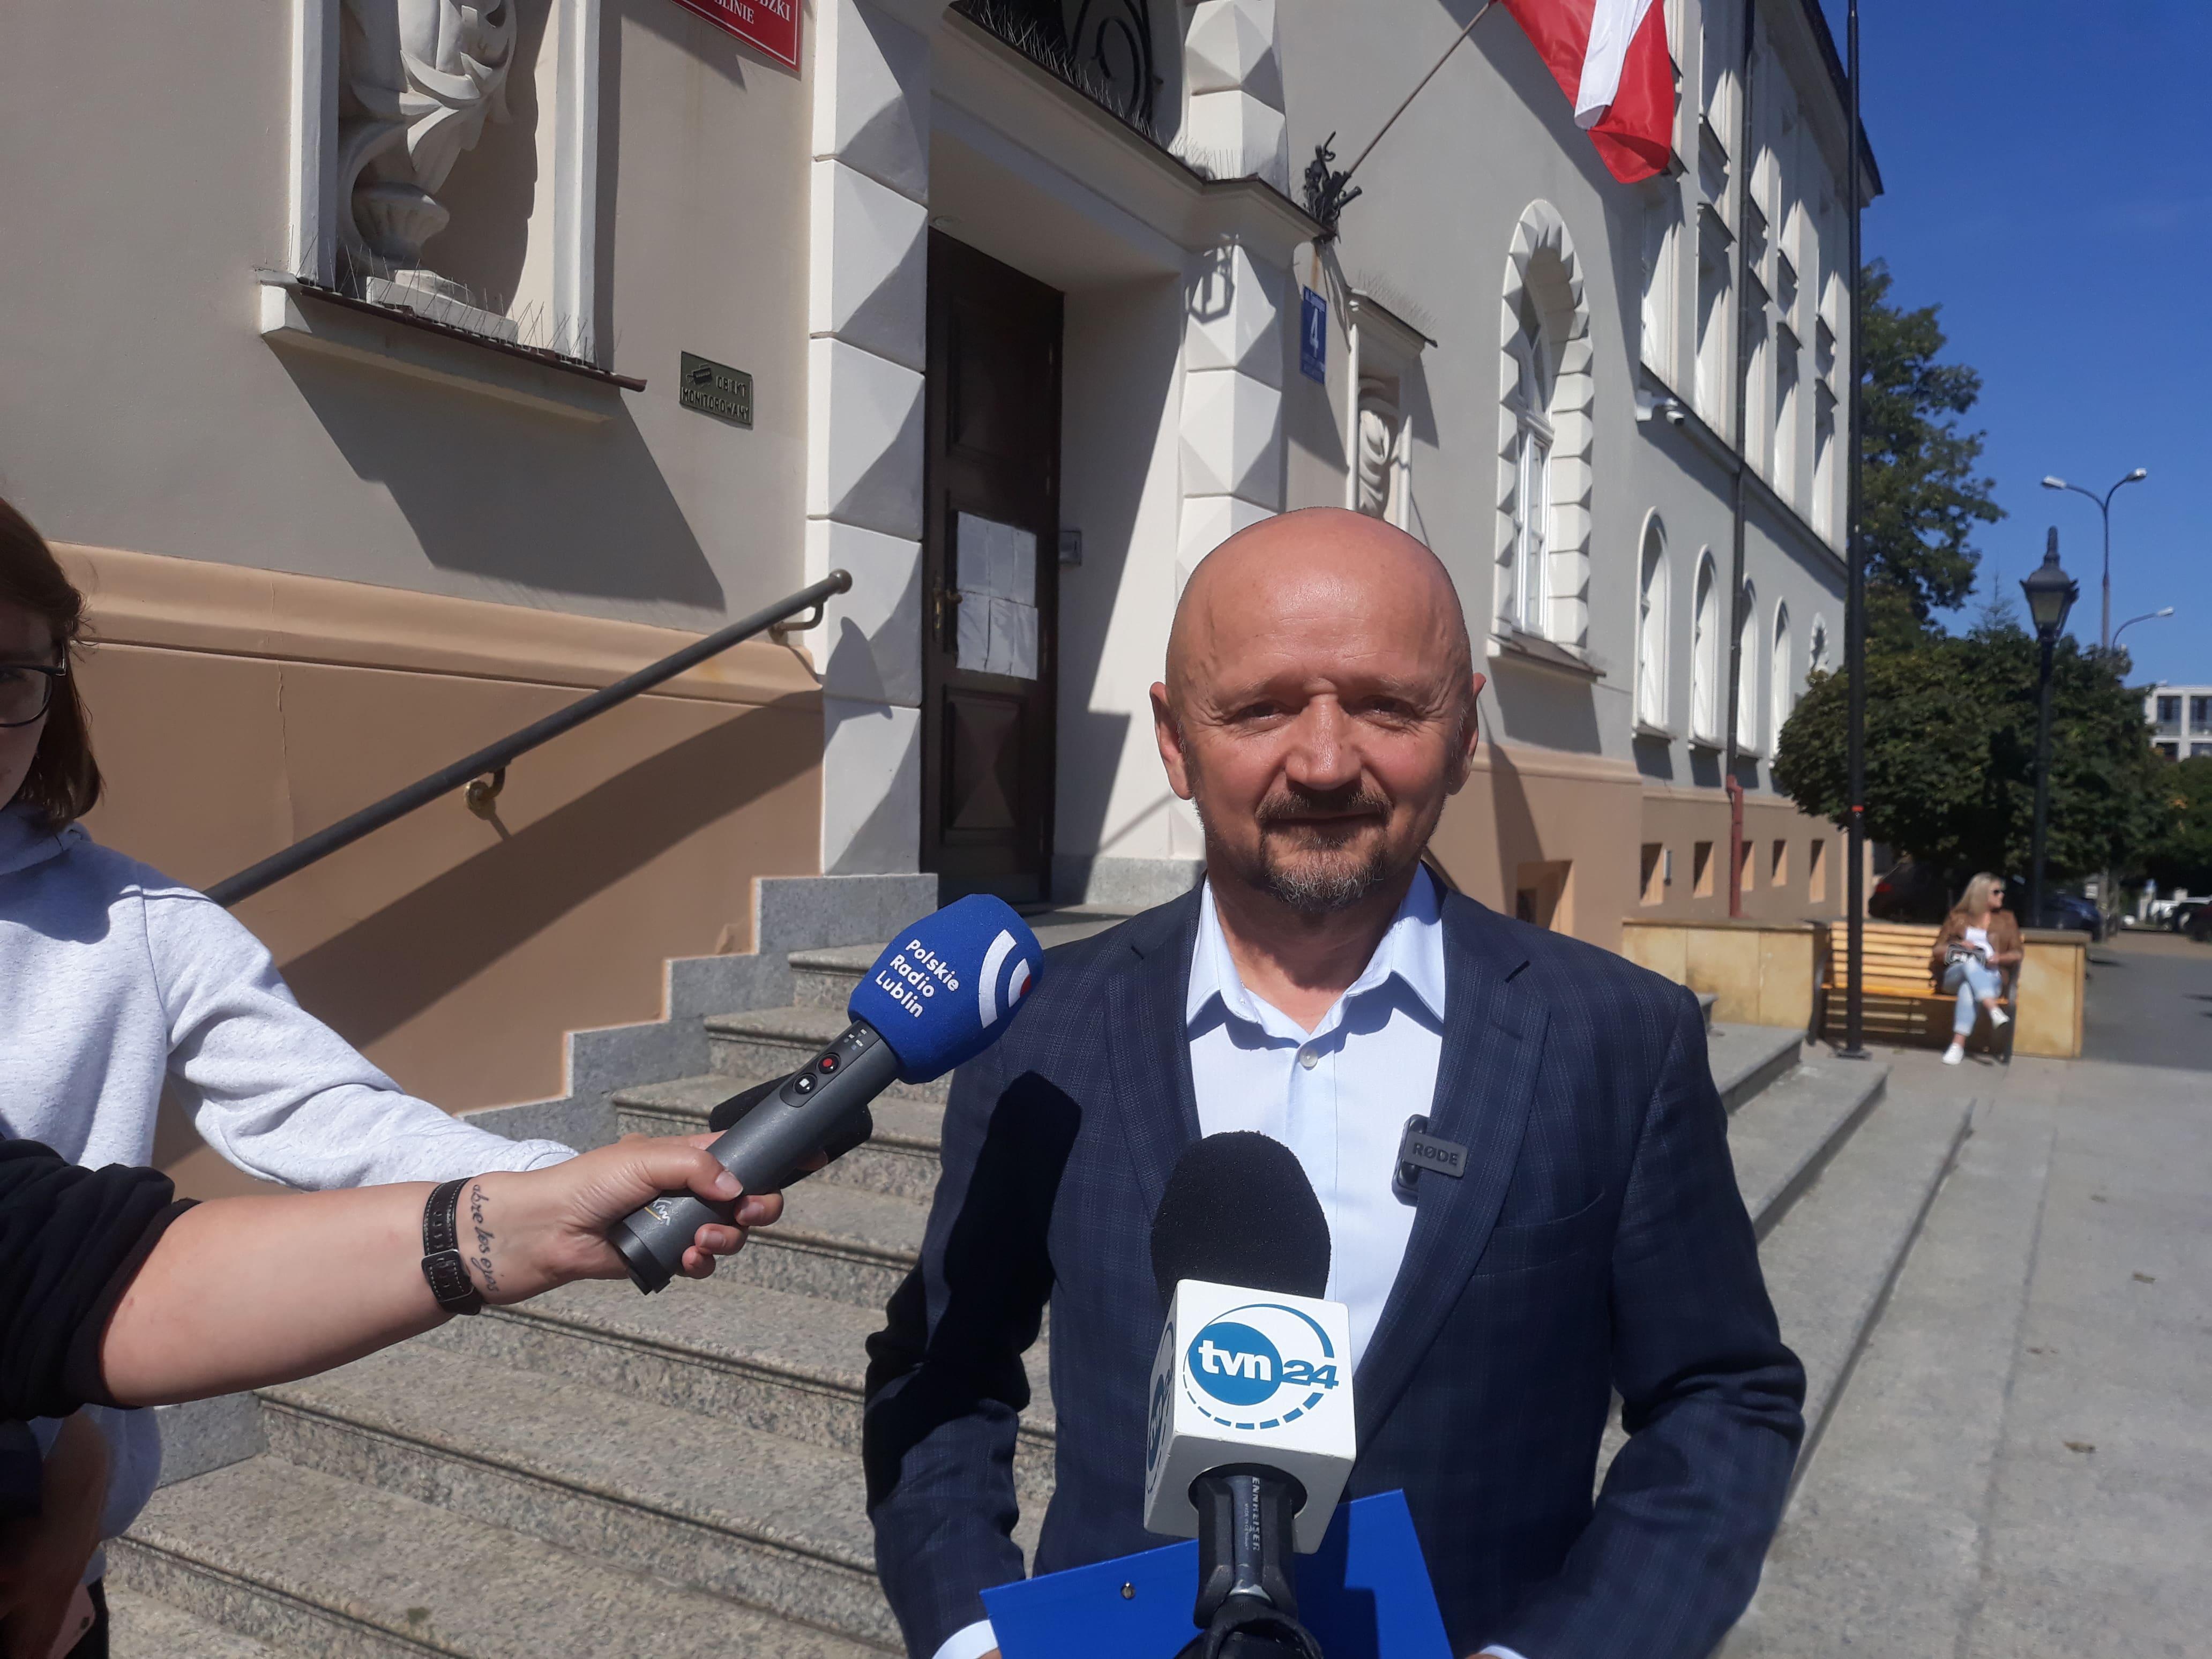 Województwo lubelskie: Stan wyjątkowy w regionie wszedł w życie. Senator Jacek Bury: Ludzie poniosą przez to duże straty finansowe - Zdjęcie główne